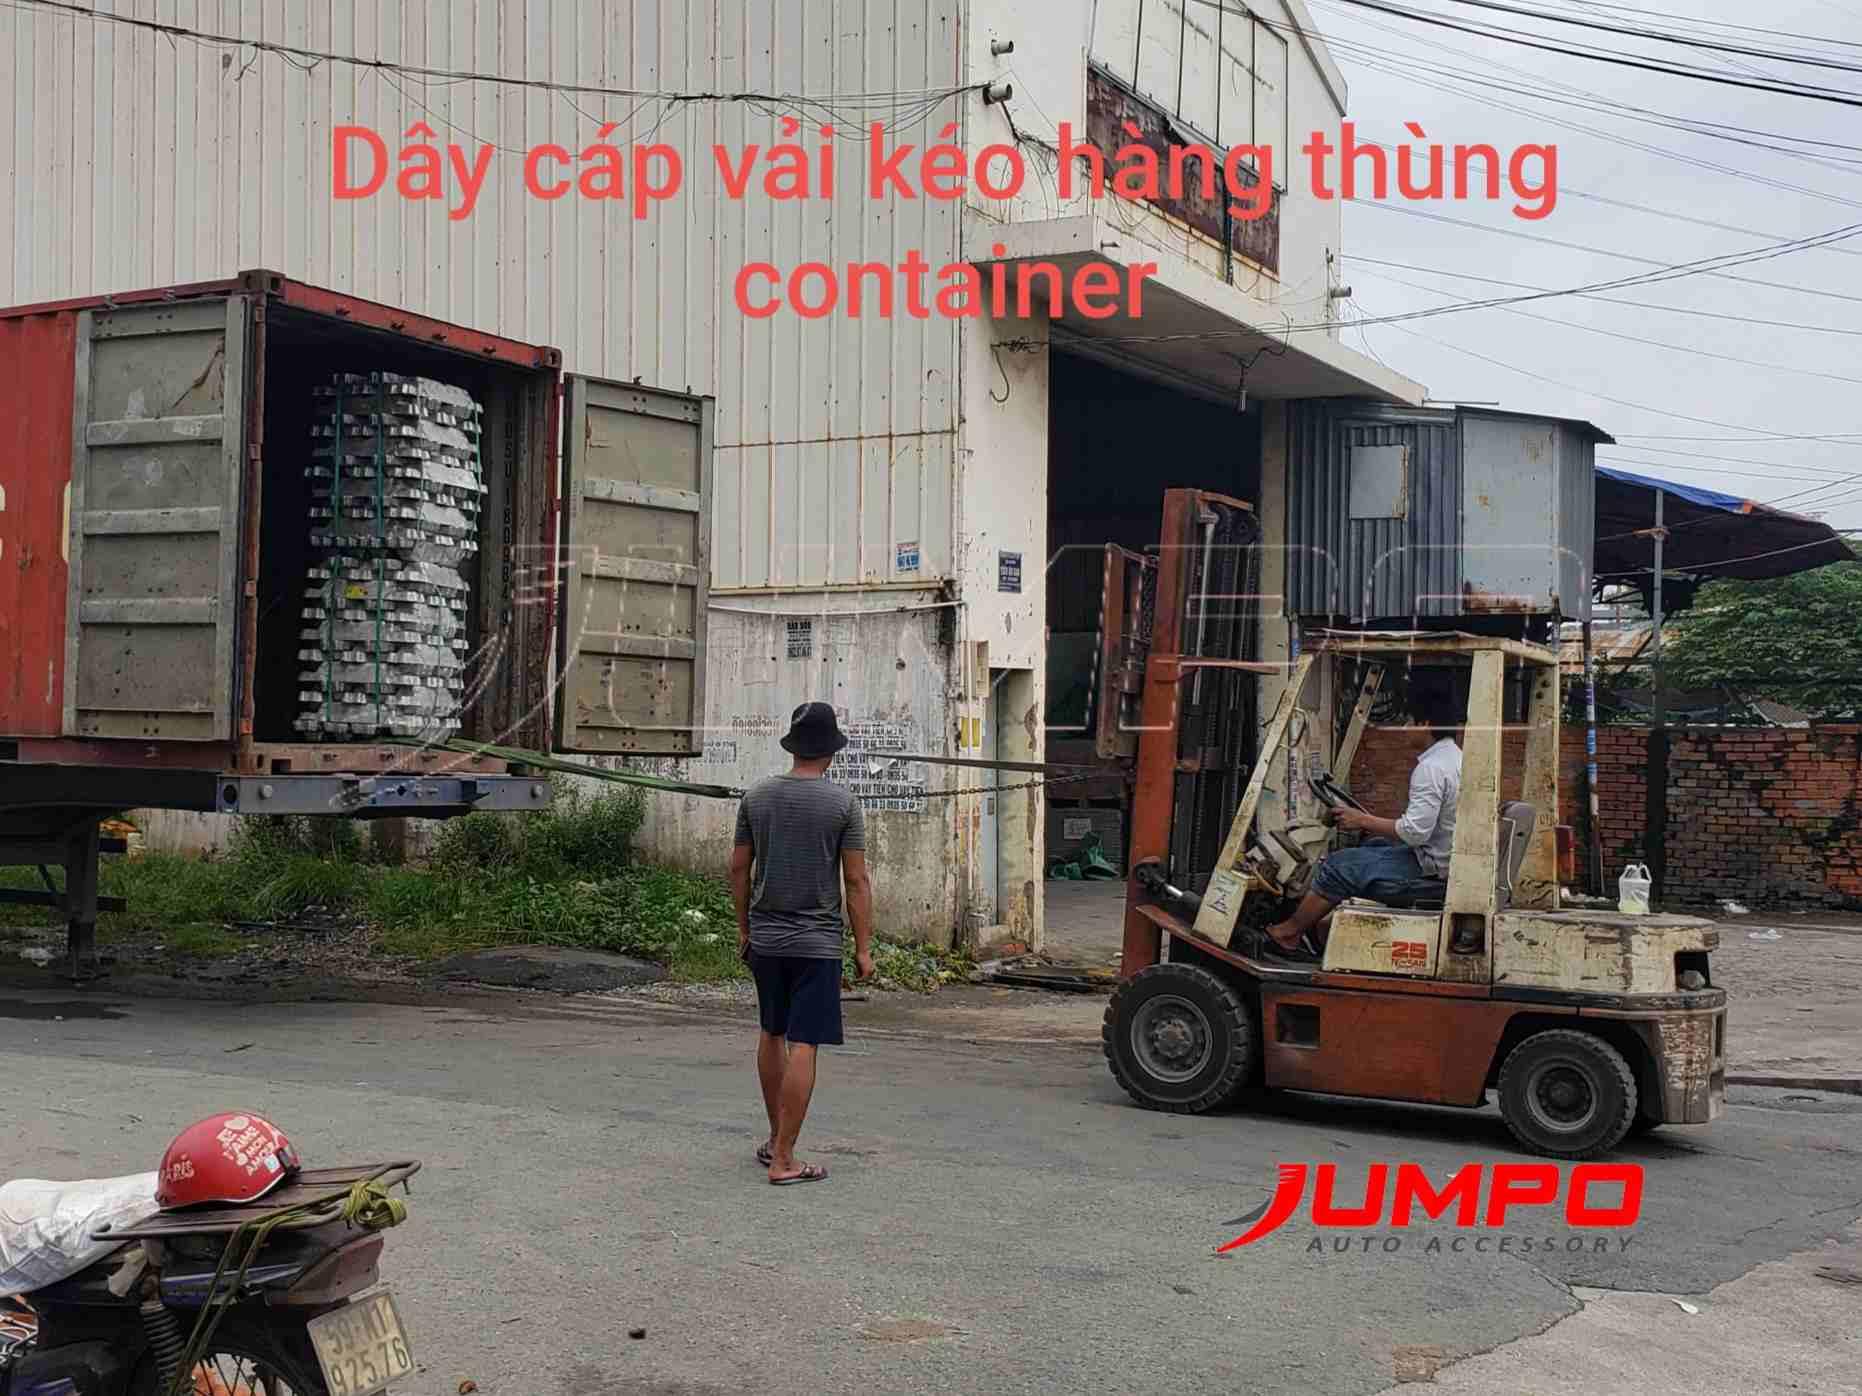 Dây cáp kéo hàng thùng xe container, kéo hàng xe tải